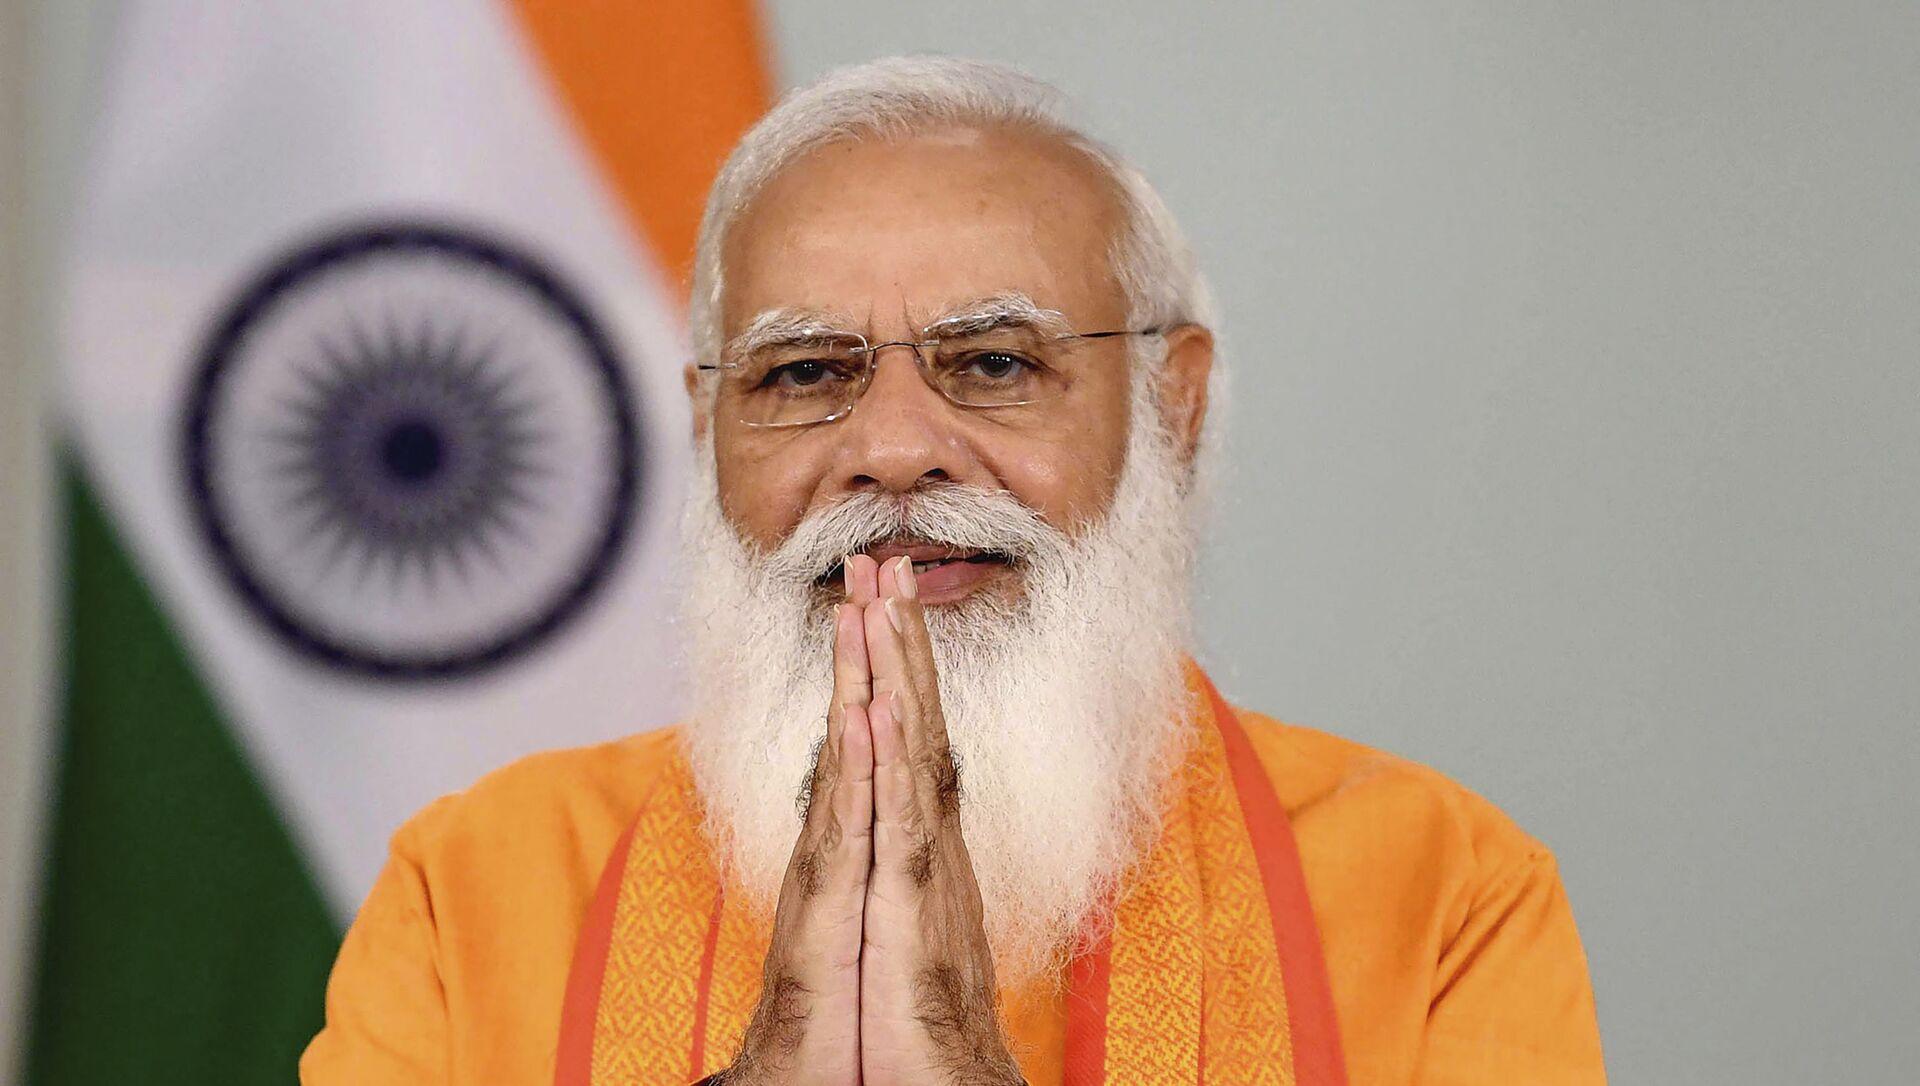 Thủ tướng Ấn Độ Narendra Modi phát biểu tại hội nghị truyền hình trong khuôn khổ chương trình Ngày Quốc tế Yoga ở New Delhi - Sputnik Việt Nam, 1920, 18.09.2021